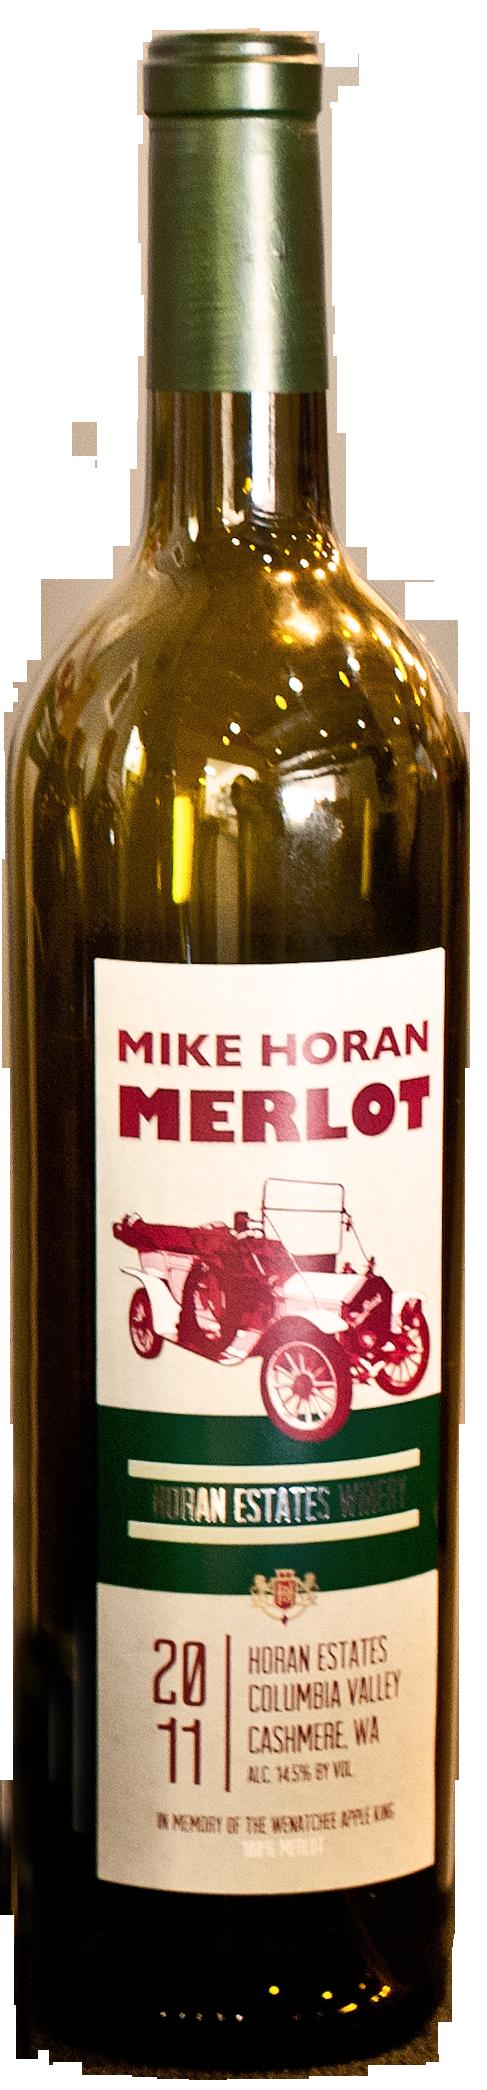 Mike-Horan-Merlot.png